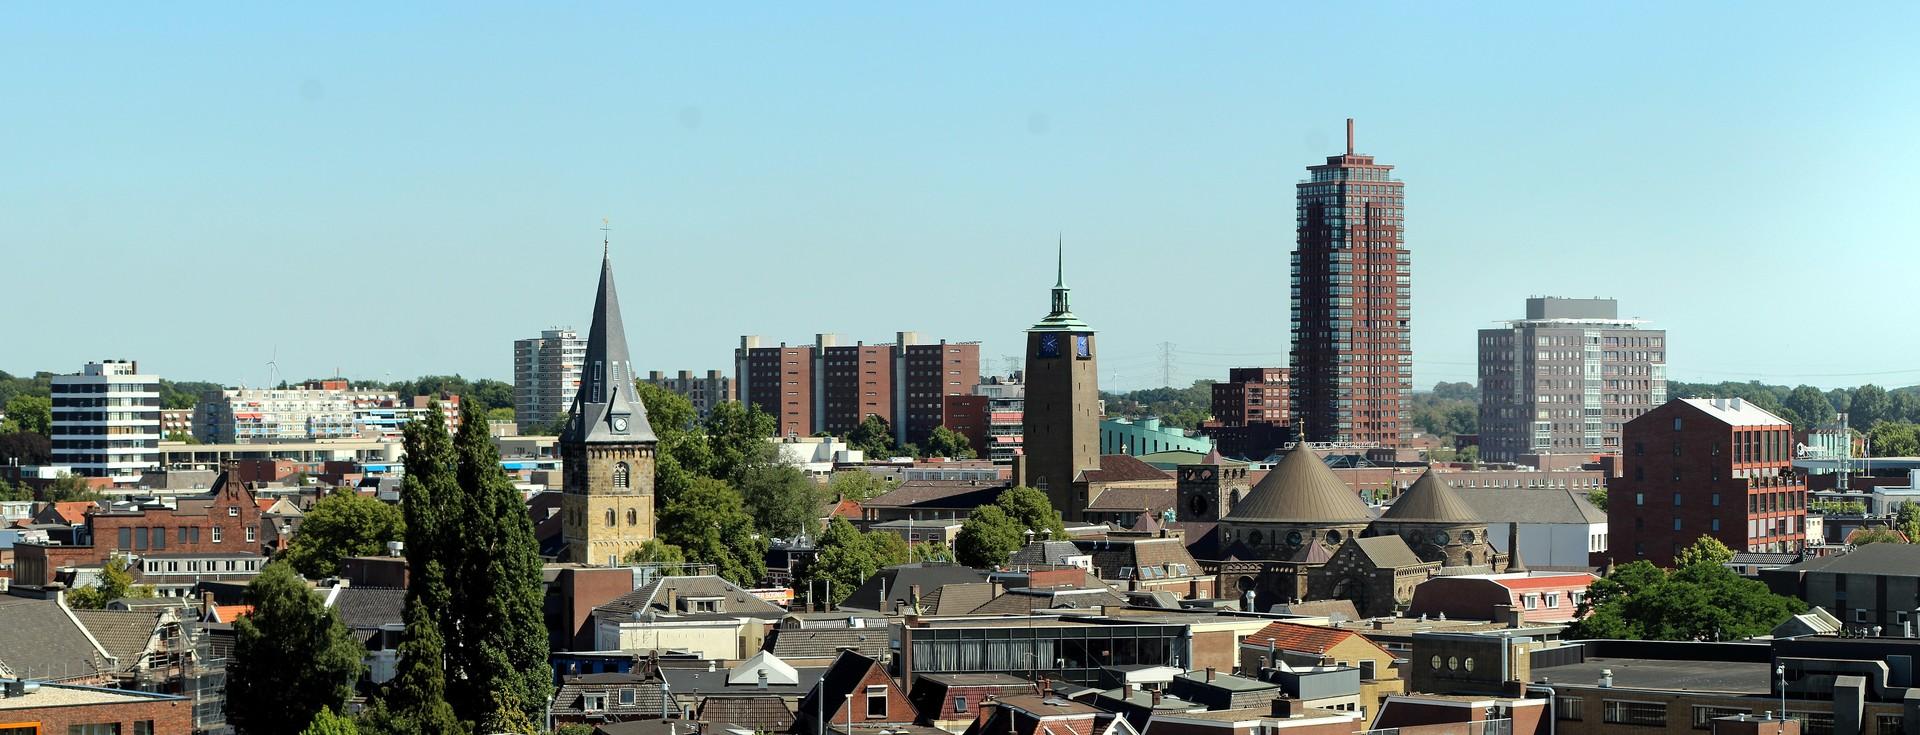 Experiencia Erasmus en Enschede, Países Bajos por Raul Tomita